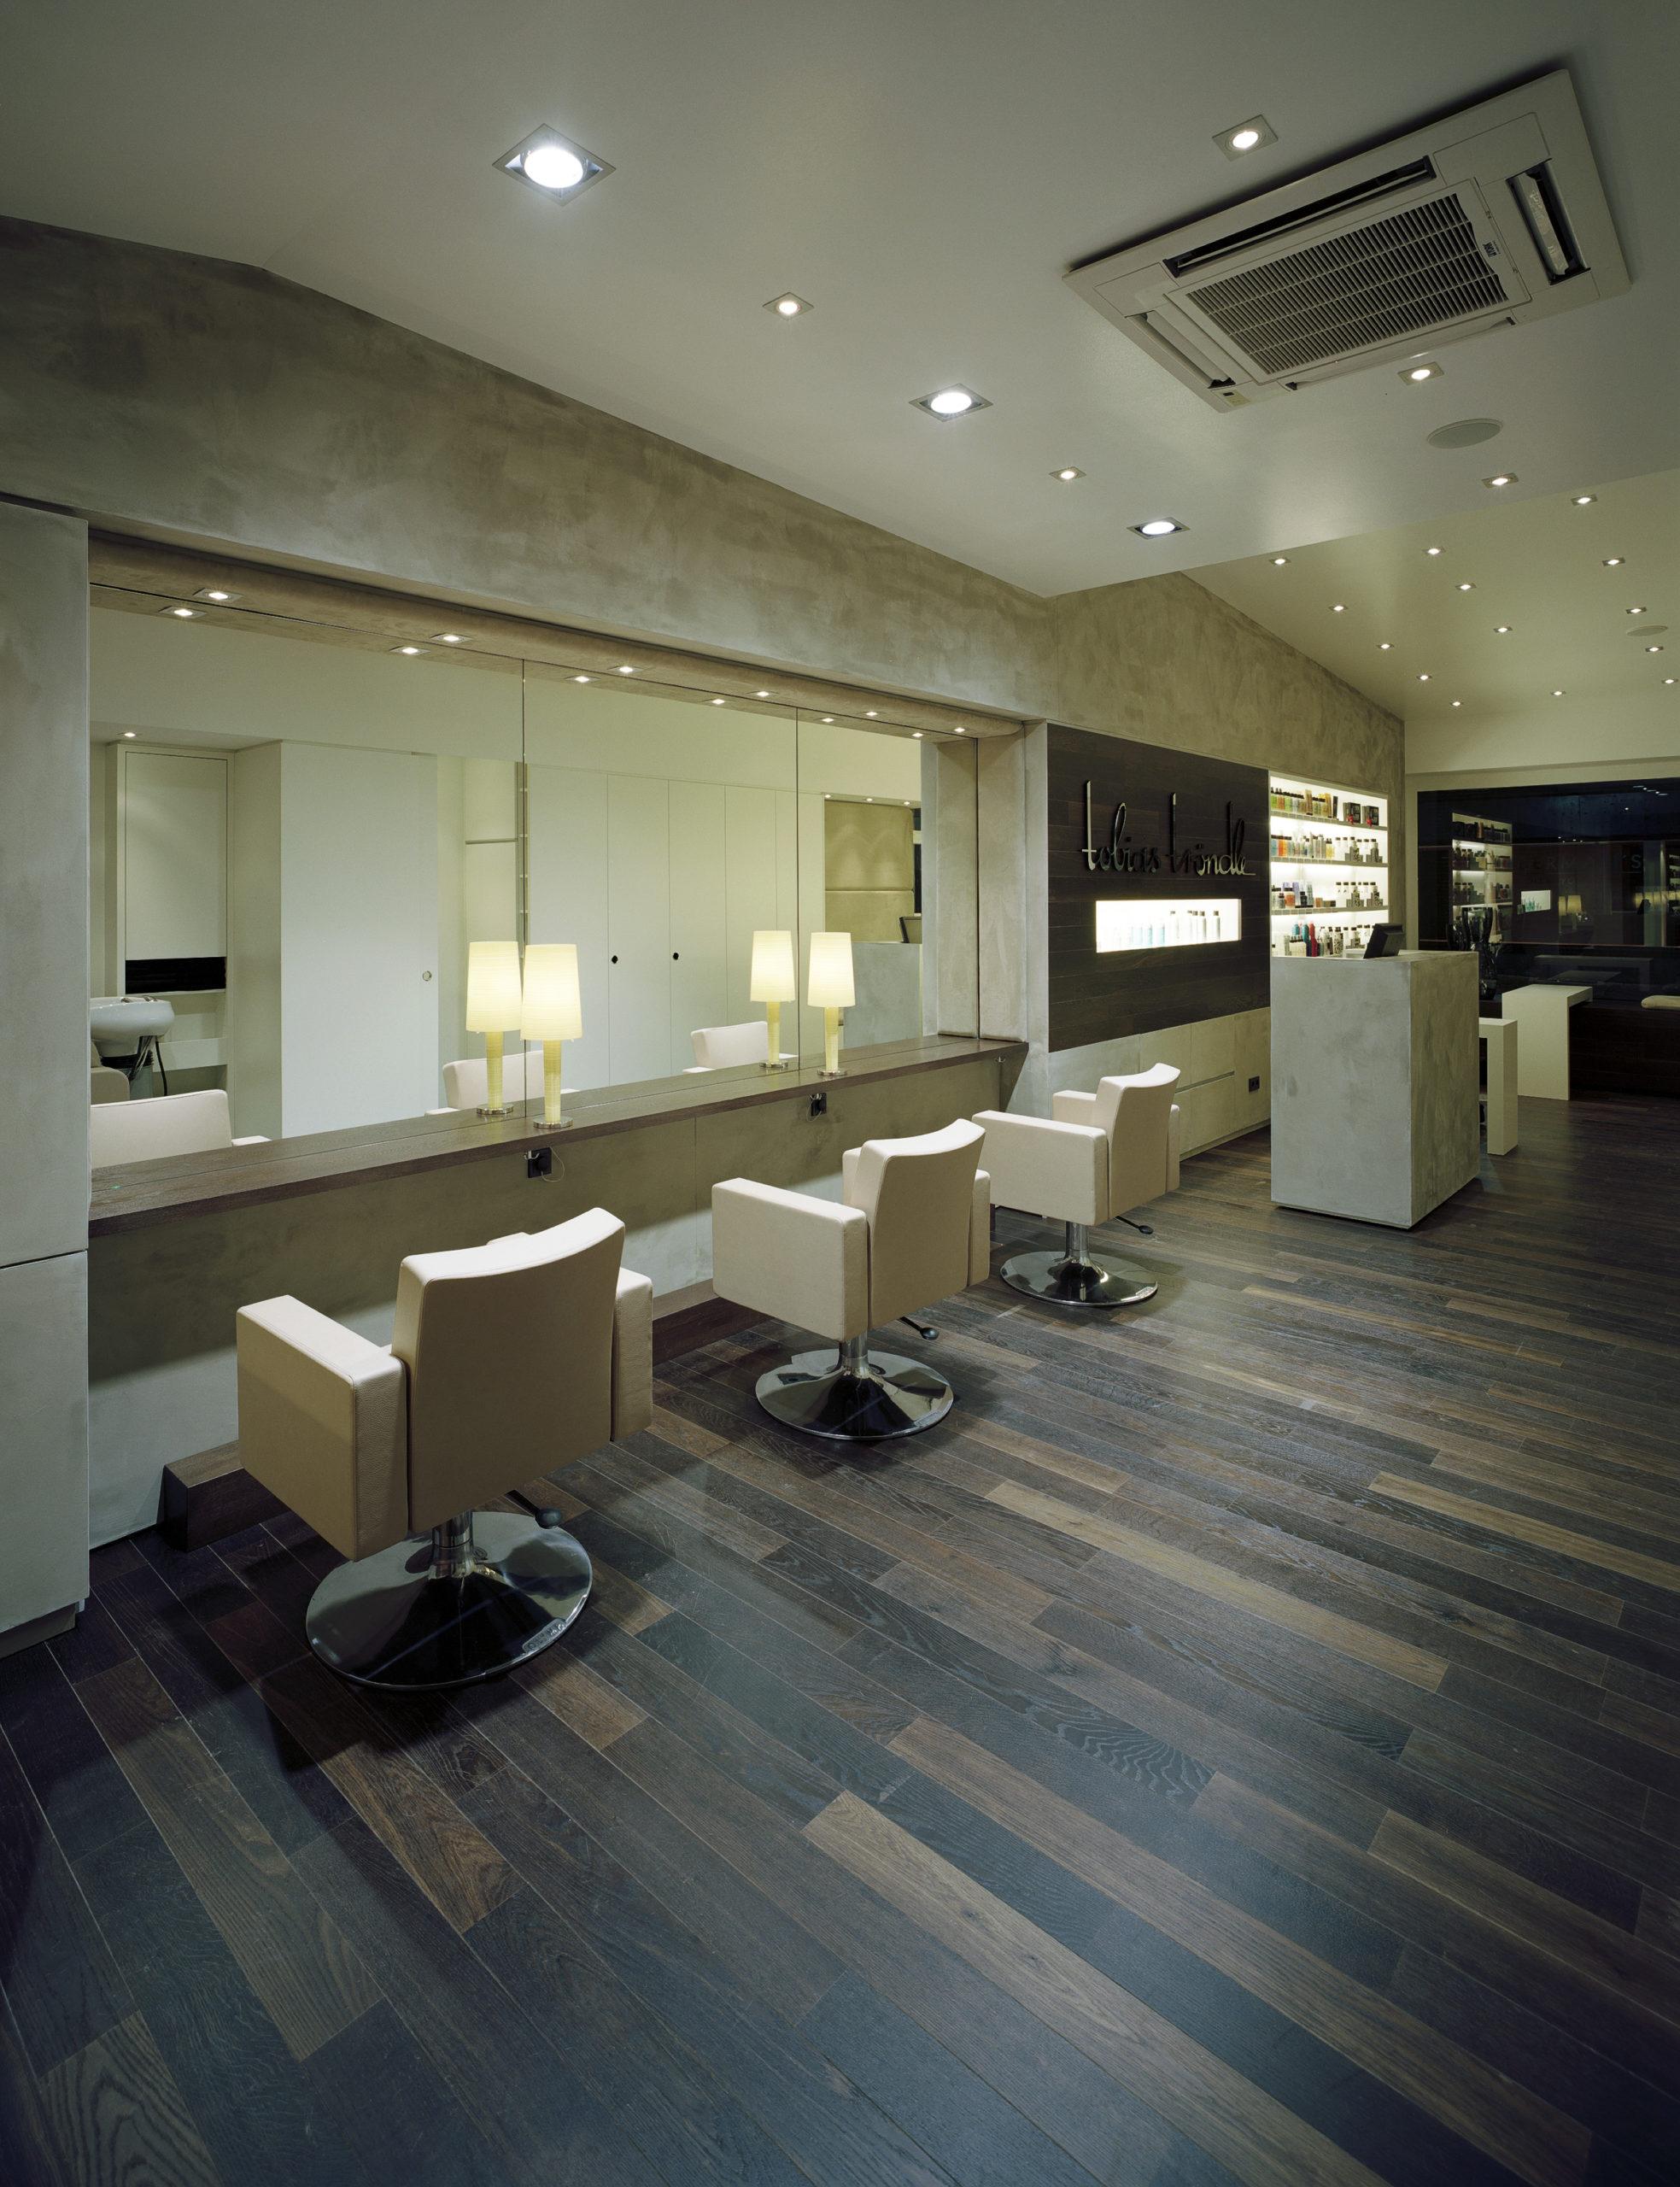 Friseursalon in Frankfurt - Genießen Sie das luxuriöse Ambiente, unseren perfekten Service und erleben Sie höchste fachliche Kompetenz